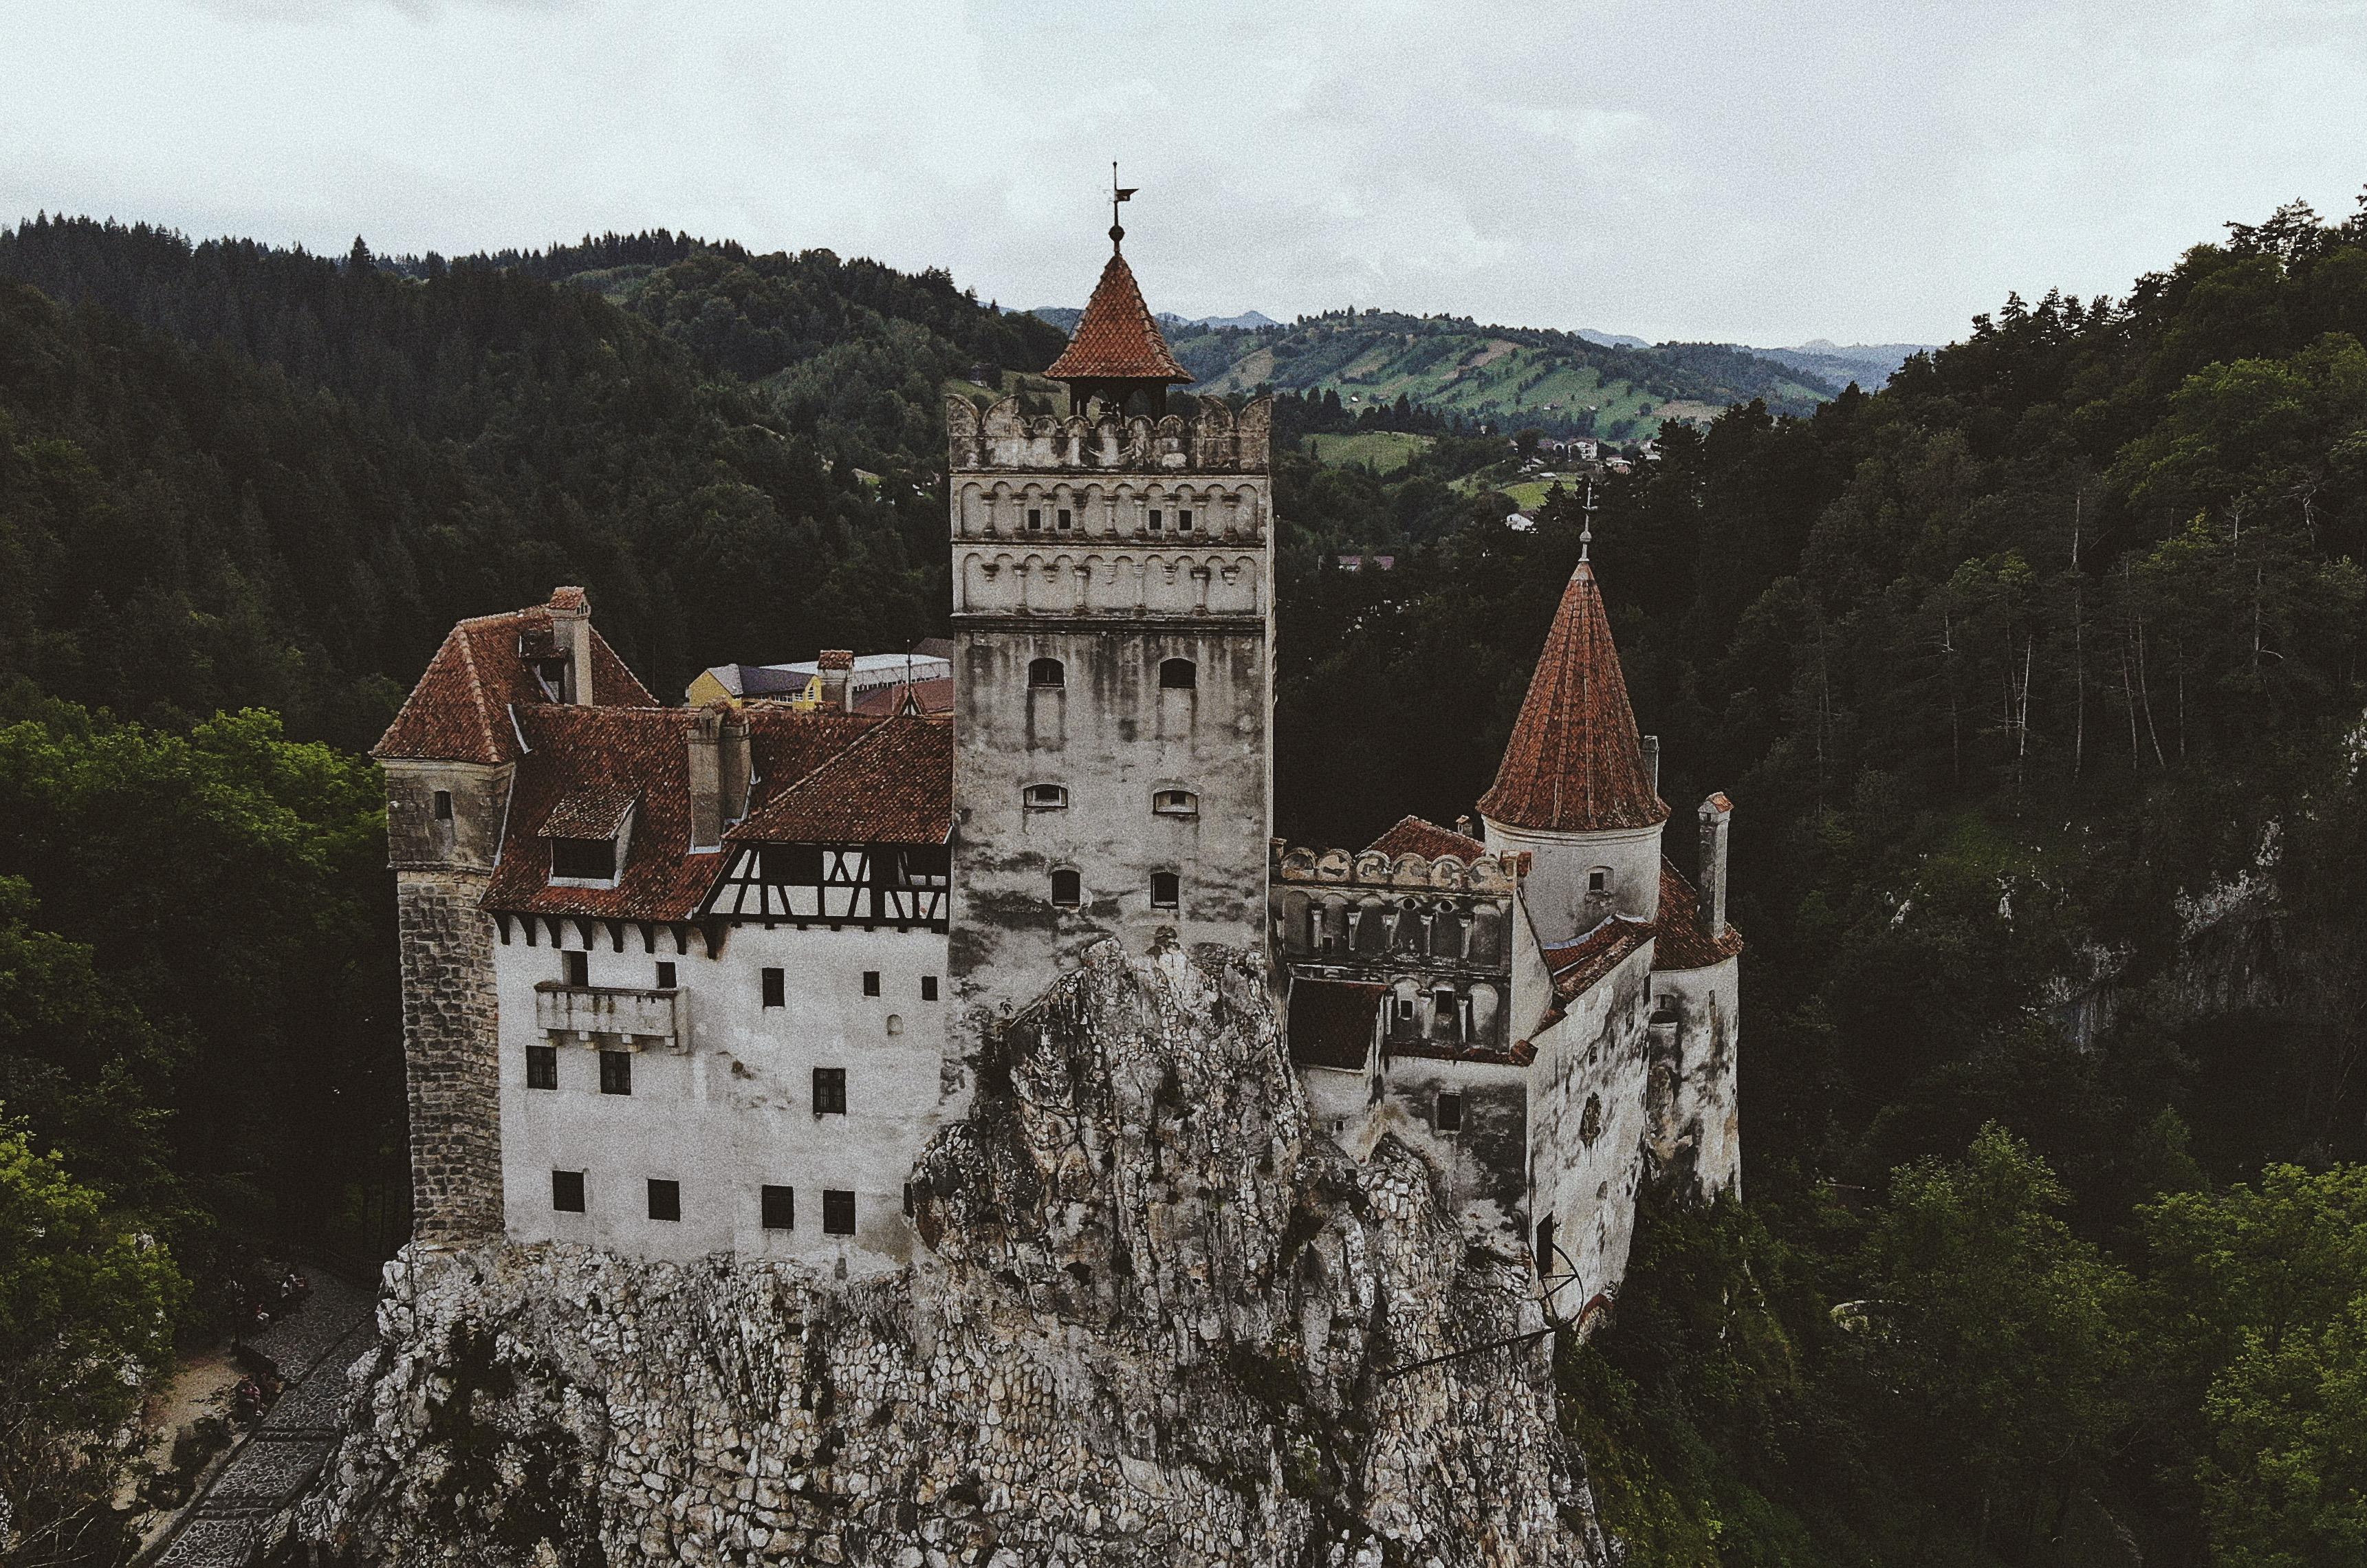 Замок графа дракулы в румынии фото